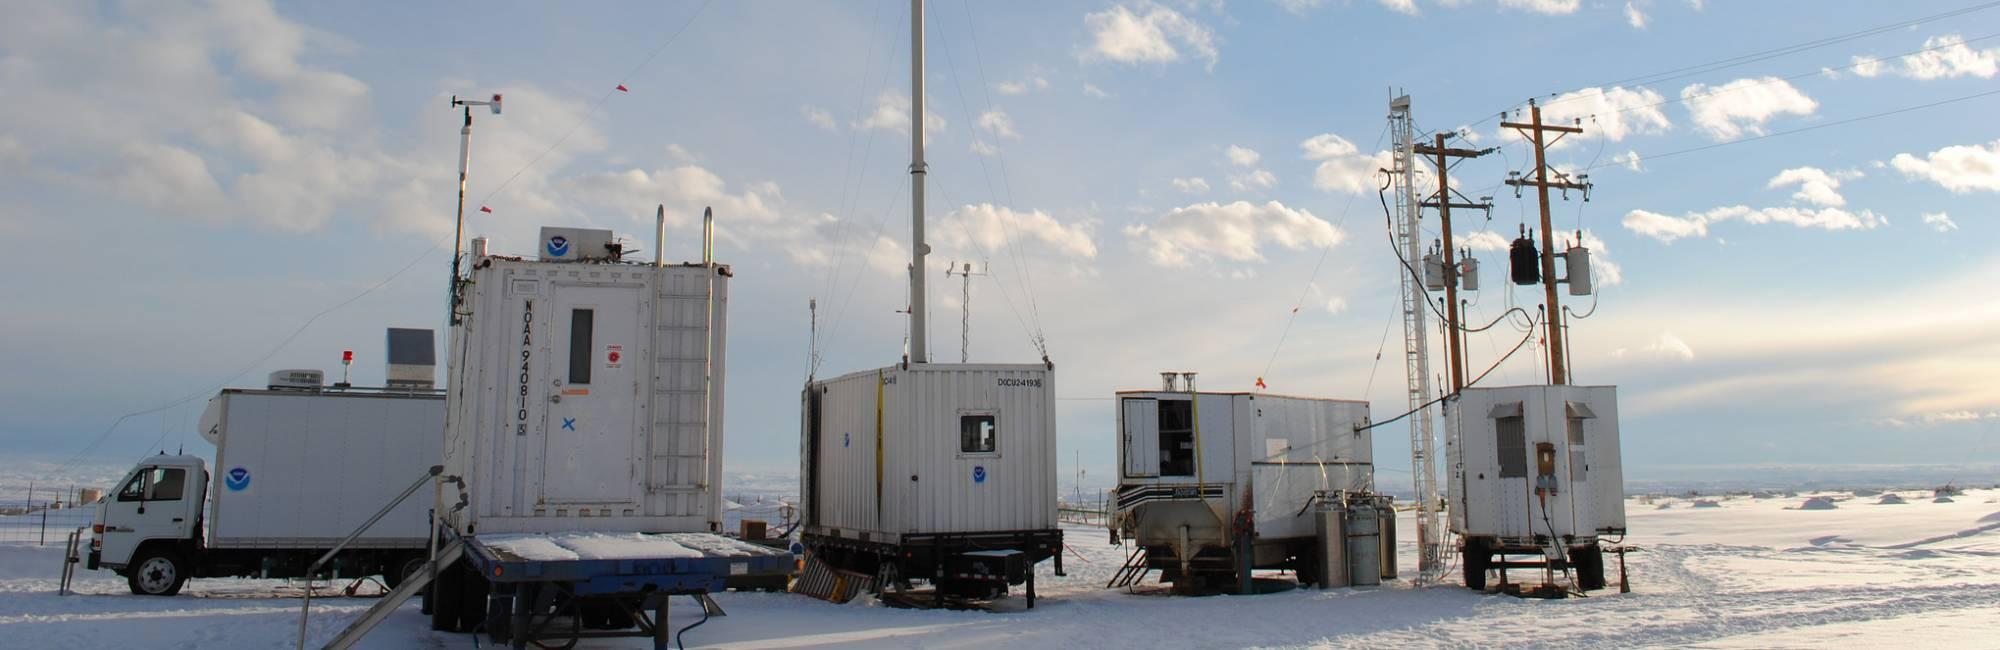 Measurement site in the Uintah Basin, Utah